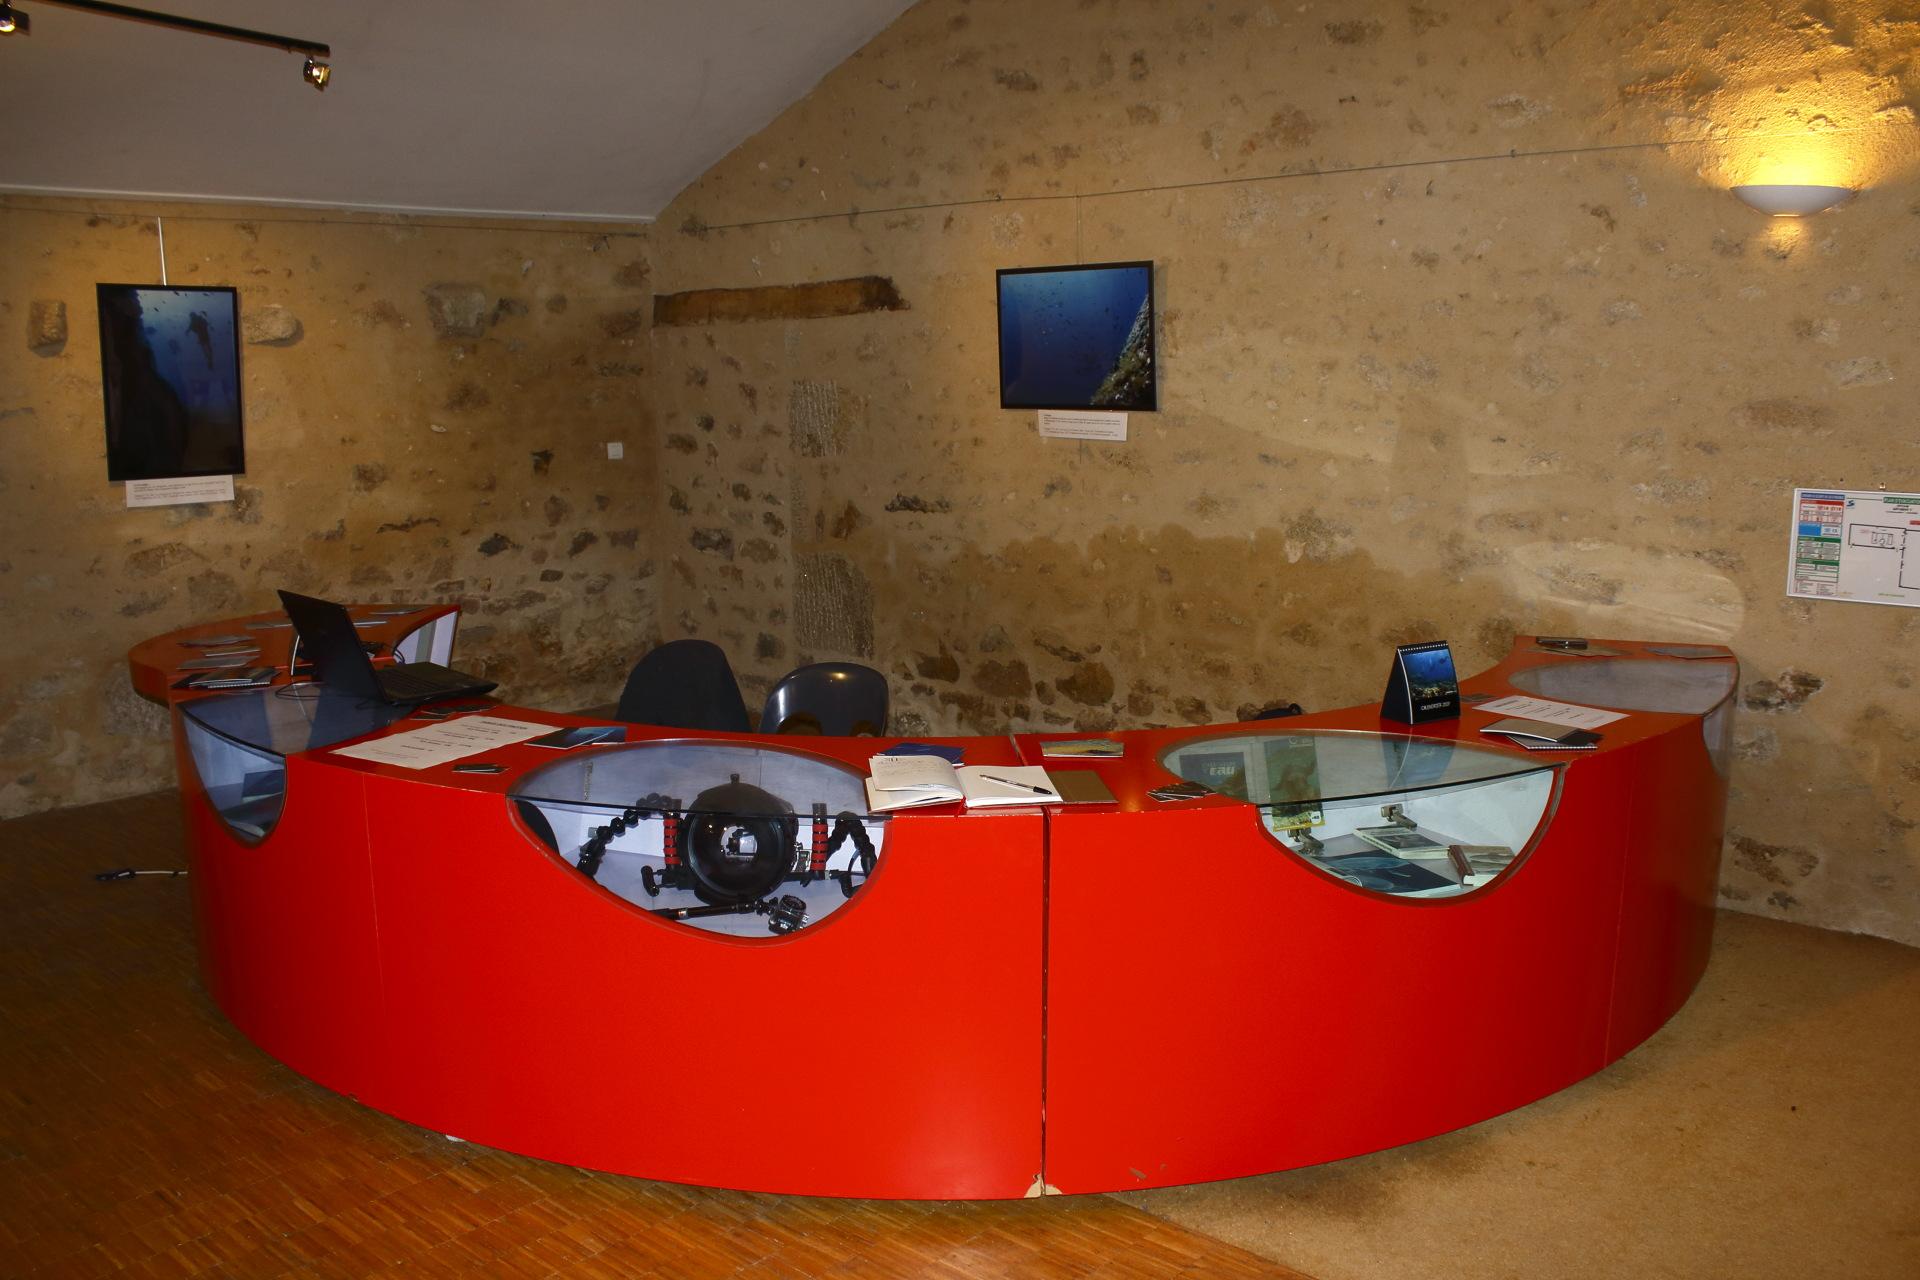 Bureau d'accueil et caisson de plongée © Oct16 - Florian Bernier